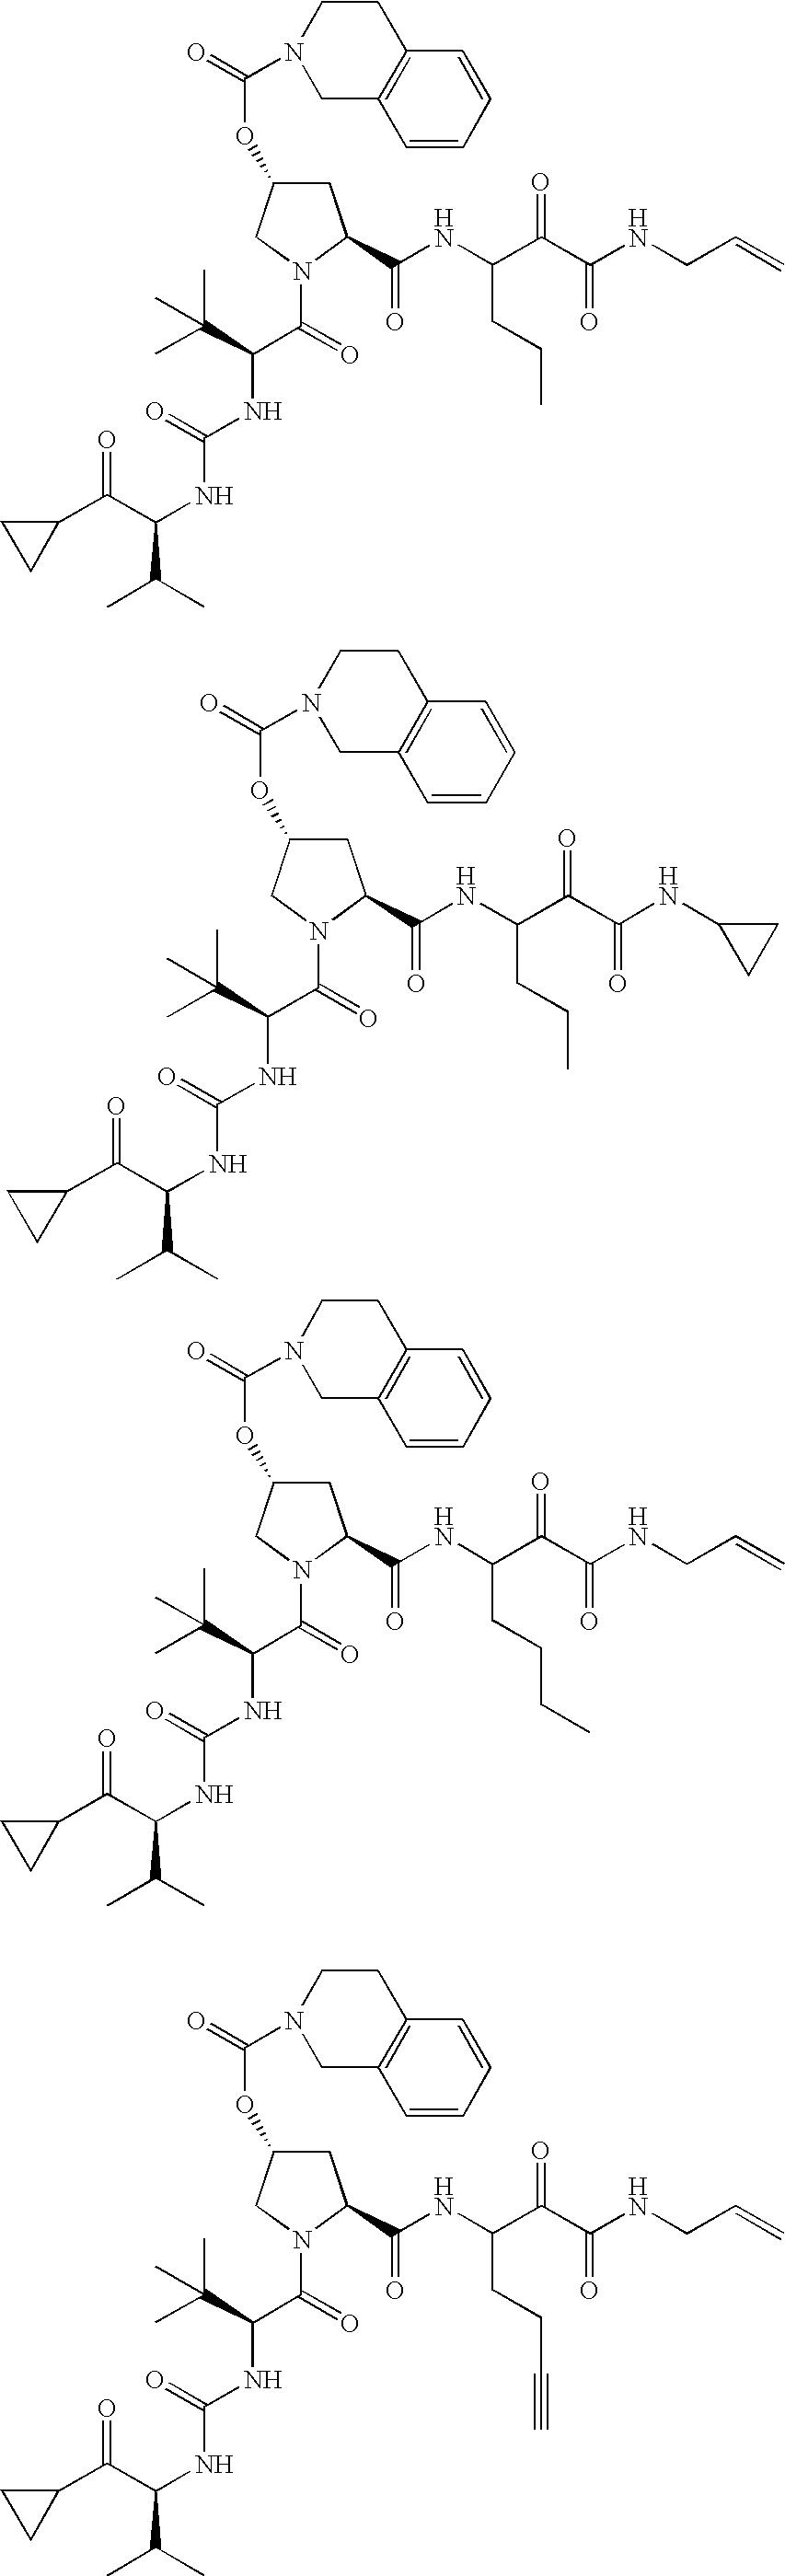 Figure US20060287248A1-20061221-C00571